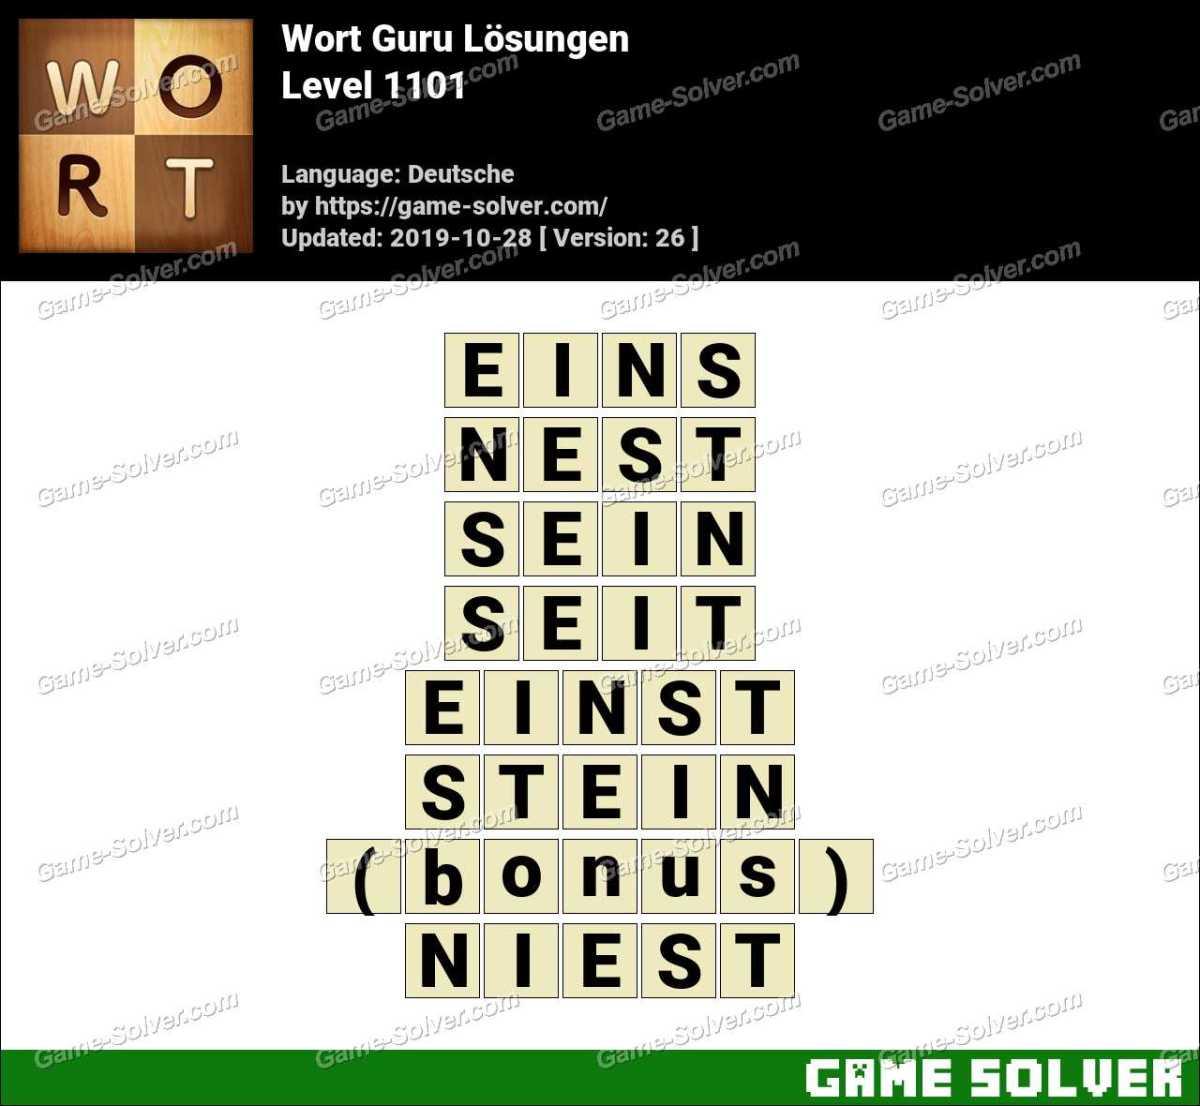 Wort Guru Level 1101 Lösungen